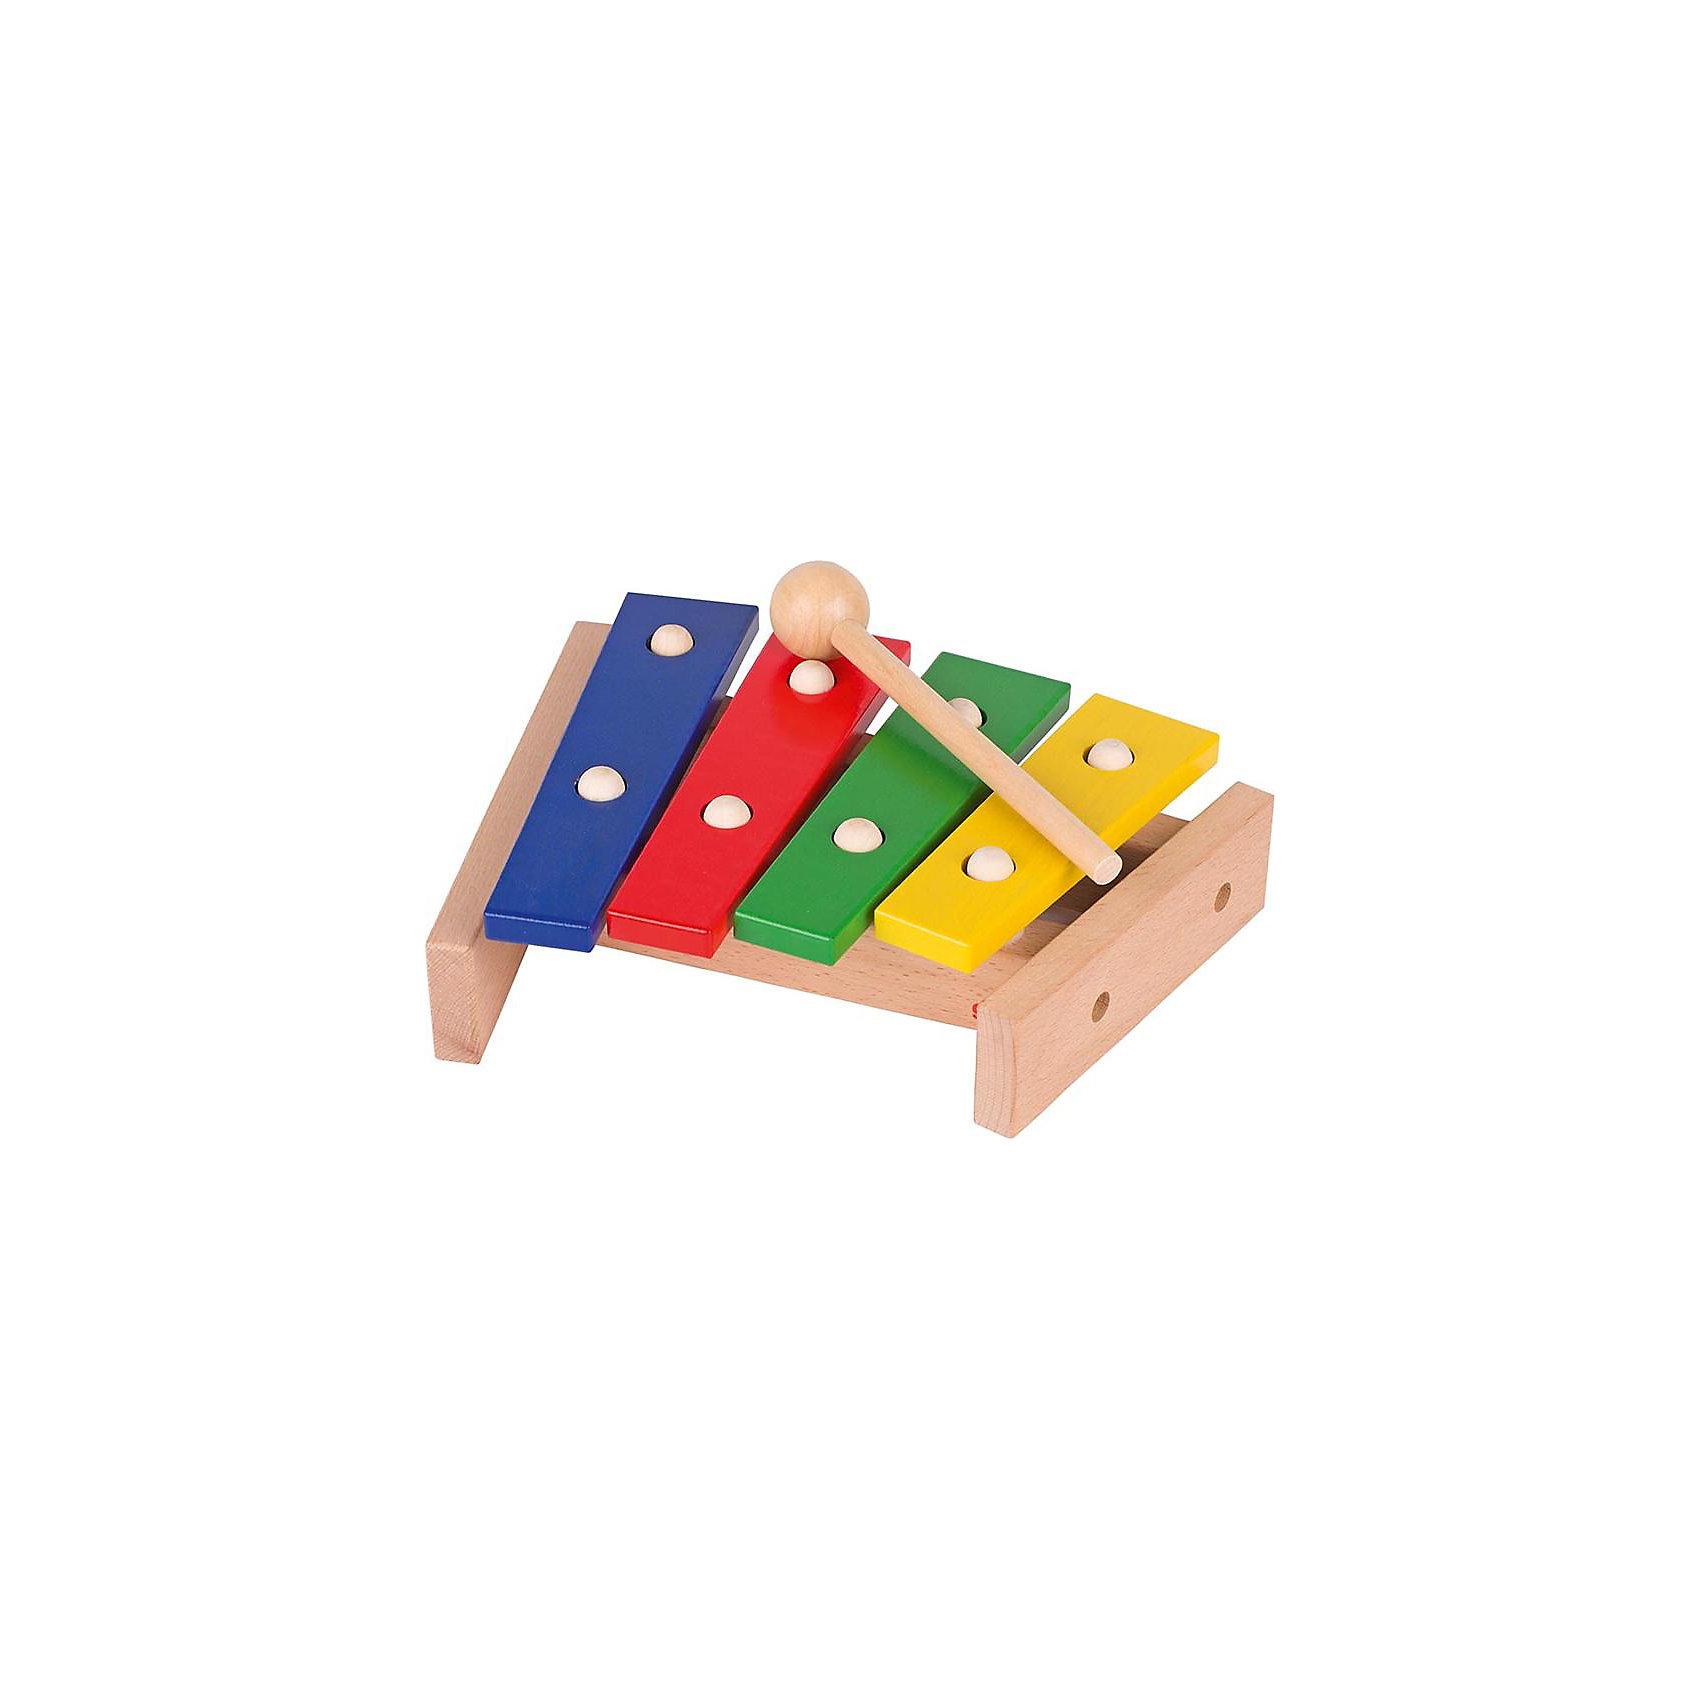 Ксилофон 4 ноты, gokiКсилофон 4 ноты, goki (Гоки)<br><br>Характеристики:<br><br>• яркие цвета клавиш<br>• удобная ручка молоточка<br>• количество клавиш: 4<br>• материал: дерево<br>• размер: 22,5 см<br><br>Все малыши любят громкие звуки, особенно если эти звуки издает их игрушка. Ксилофон от бренда Goki понравится вашей крохе, ведь он яркий и способен издавать четкие и громкие звуки. Ксилофон имеет 4 разноцветные клавиши с разным звучанием и удобный деревянный молоточек с круглым кончиком. Стуча по клавишам, ребенок будет развивать музыкальное восприятие и слух. Порадуйте своего малыша ярким и звонким музыкальным инструментом!<br><br>Ксилофон 4 ноты, goki (Гоки)вы можете купить в нашем интернет-магазине.<br><br>Ширина мм: 225<br>Глубина мм: 200<br>Высота мм: 60<br>Вес г: 9999<br>Возраст от месяцев: 12<br>Возраст до месяцев: 1164<br>Пол: Унисекс<br>Возраст: Детский<br>SKU: 2411599